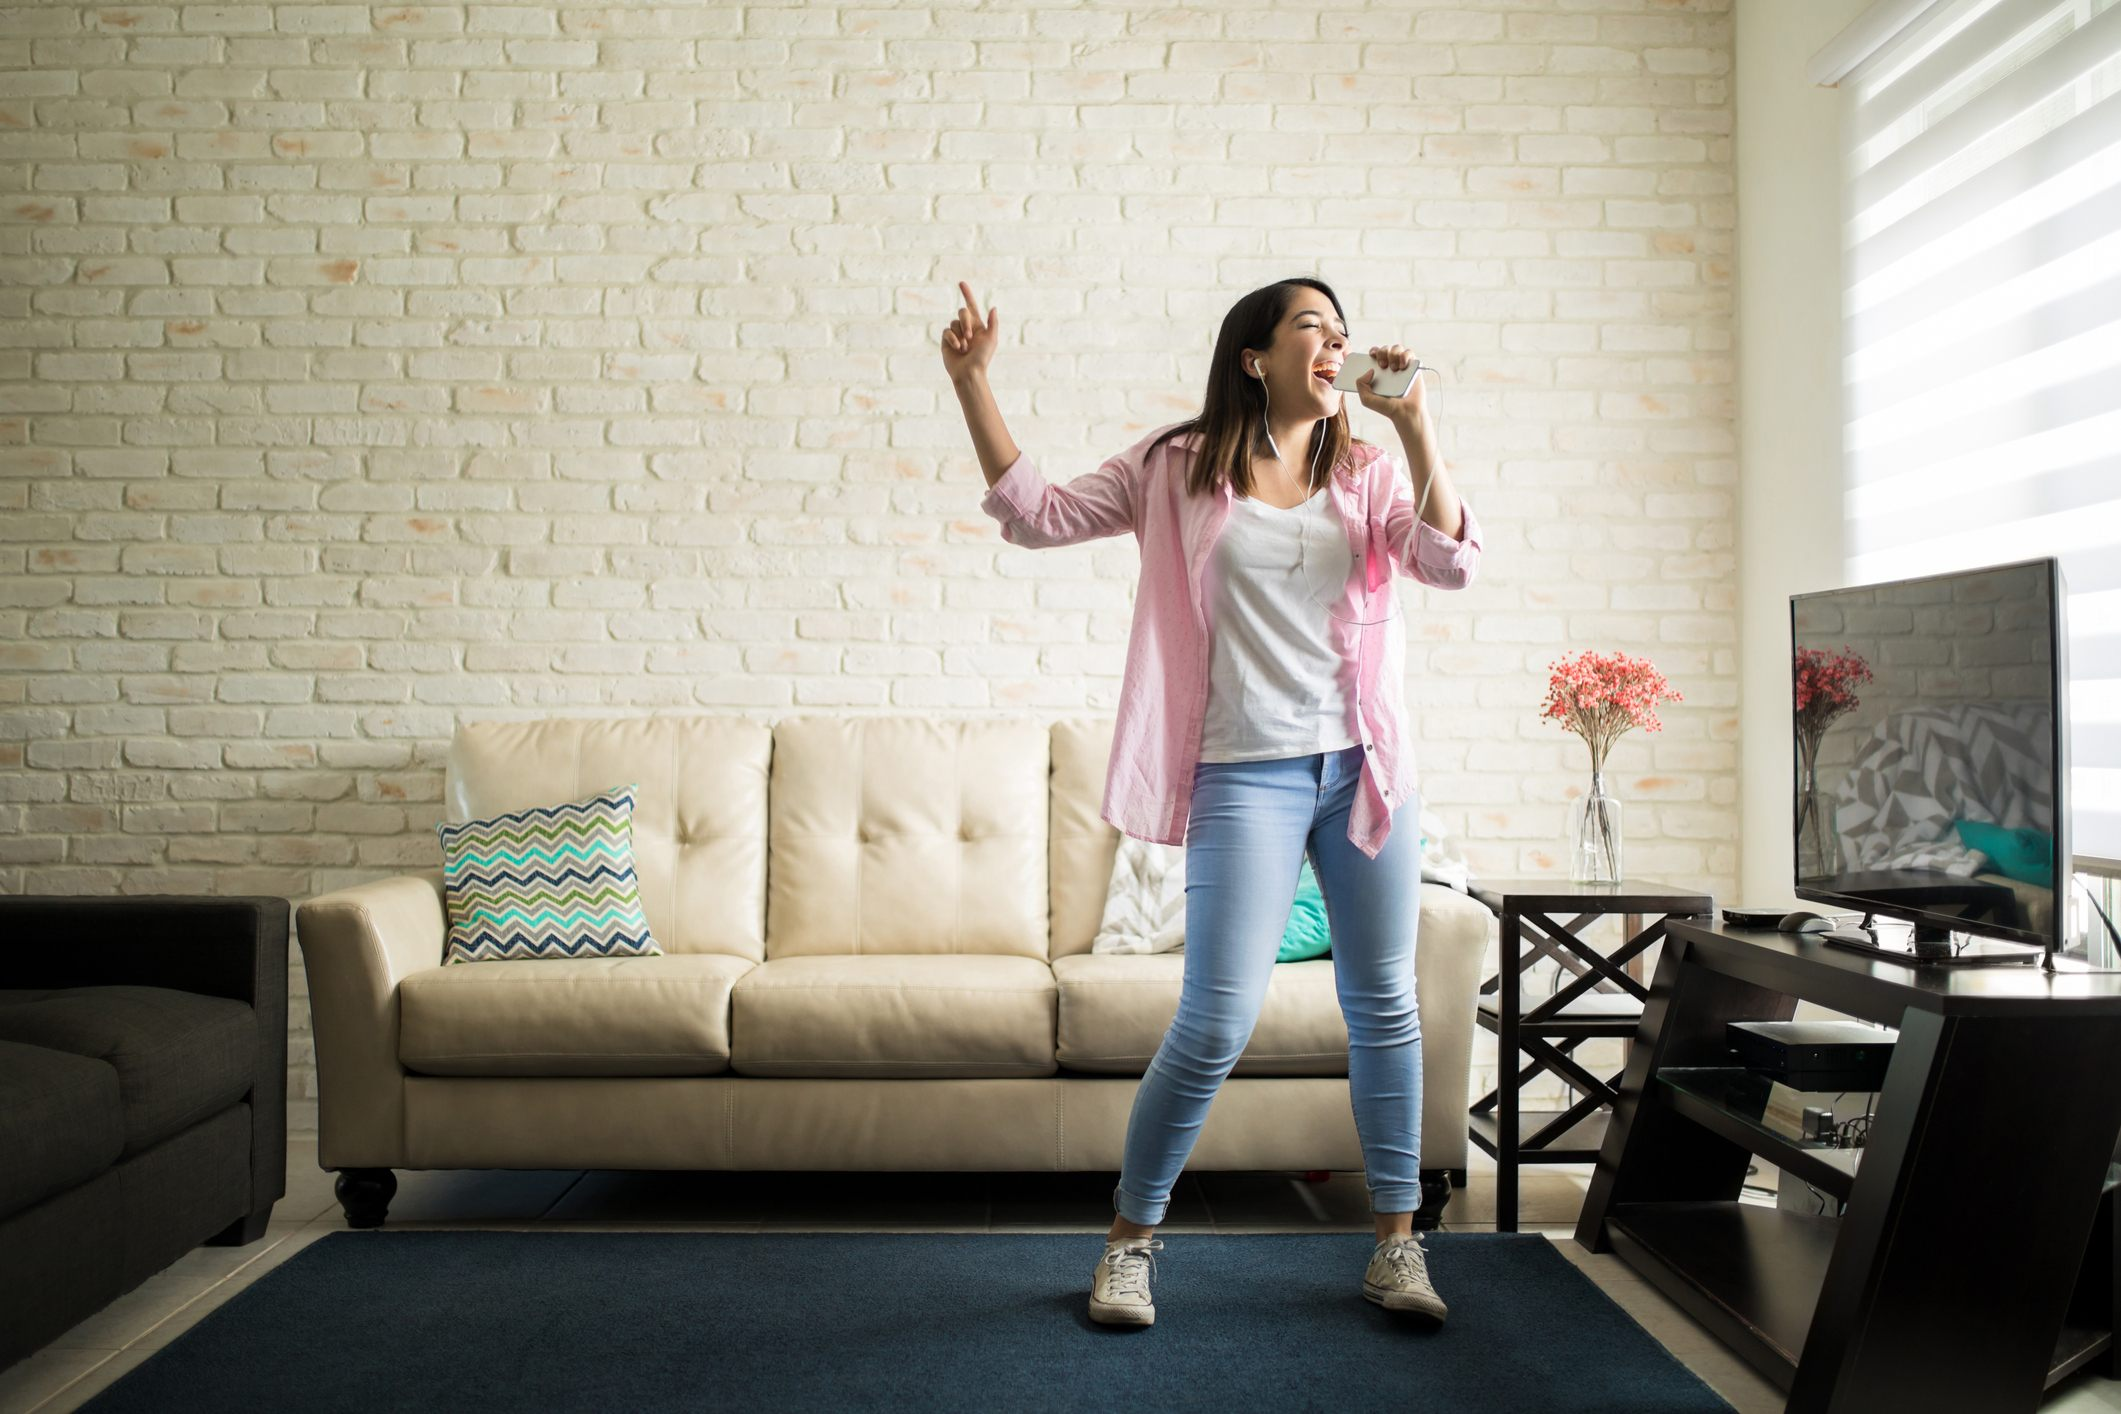 Woman singing at home